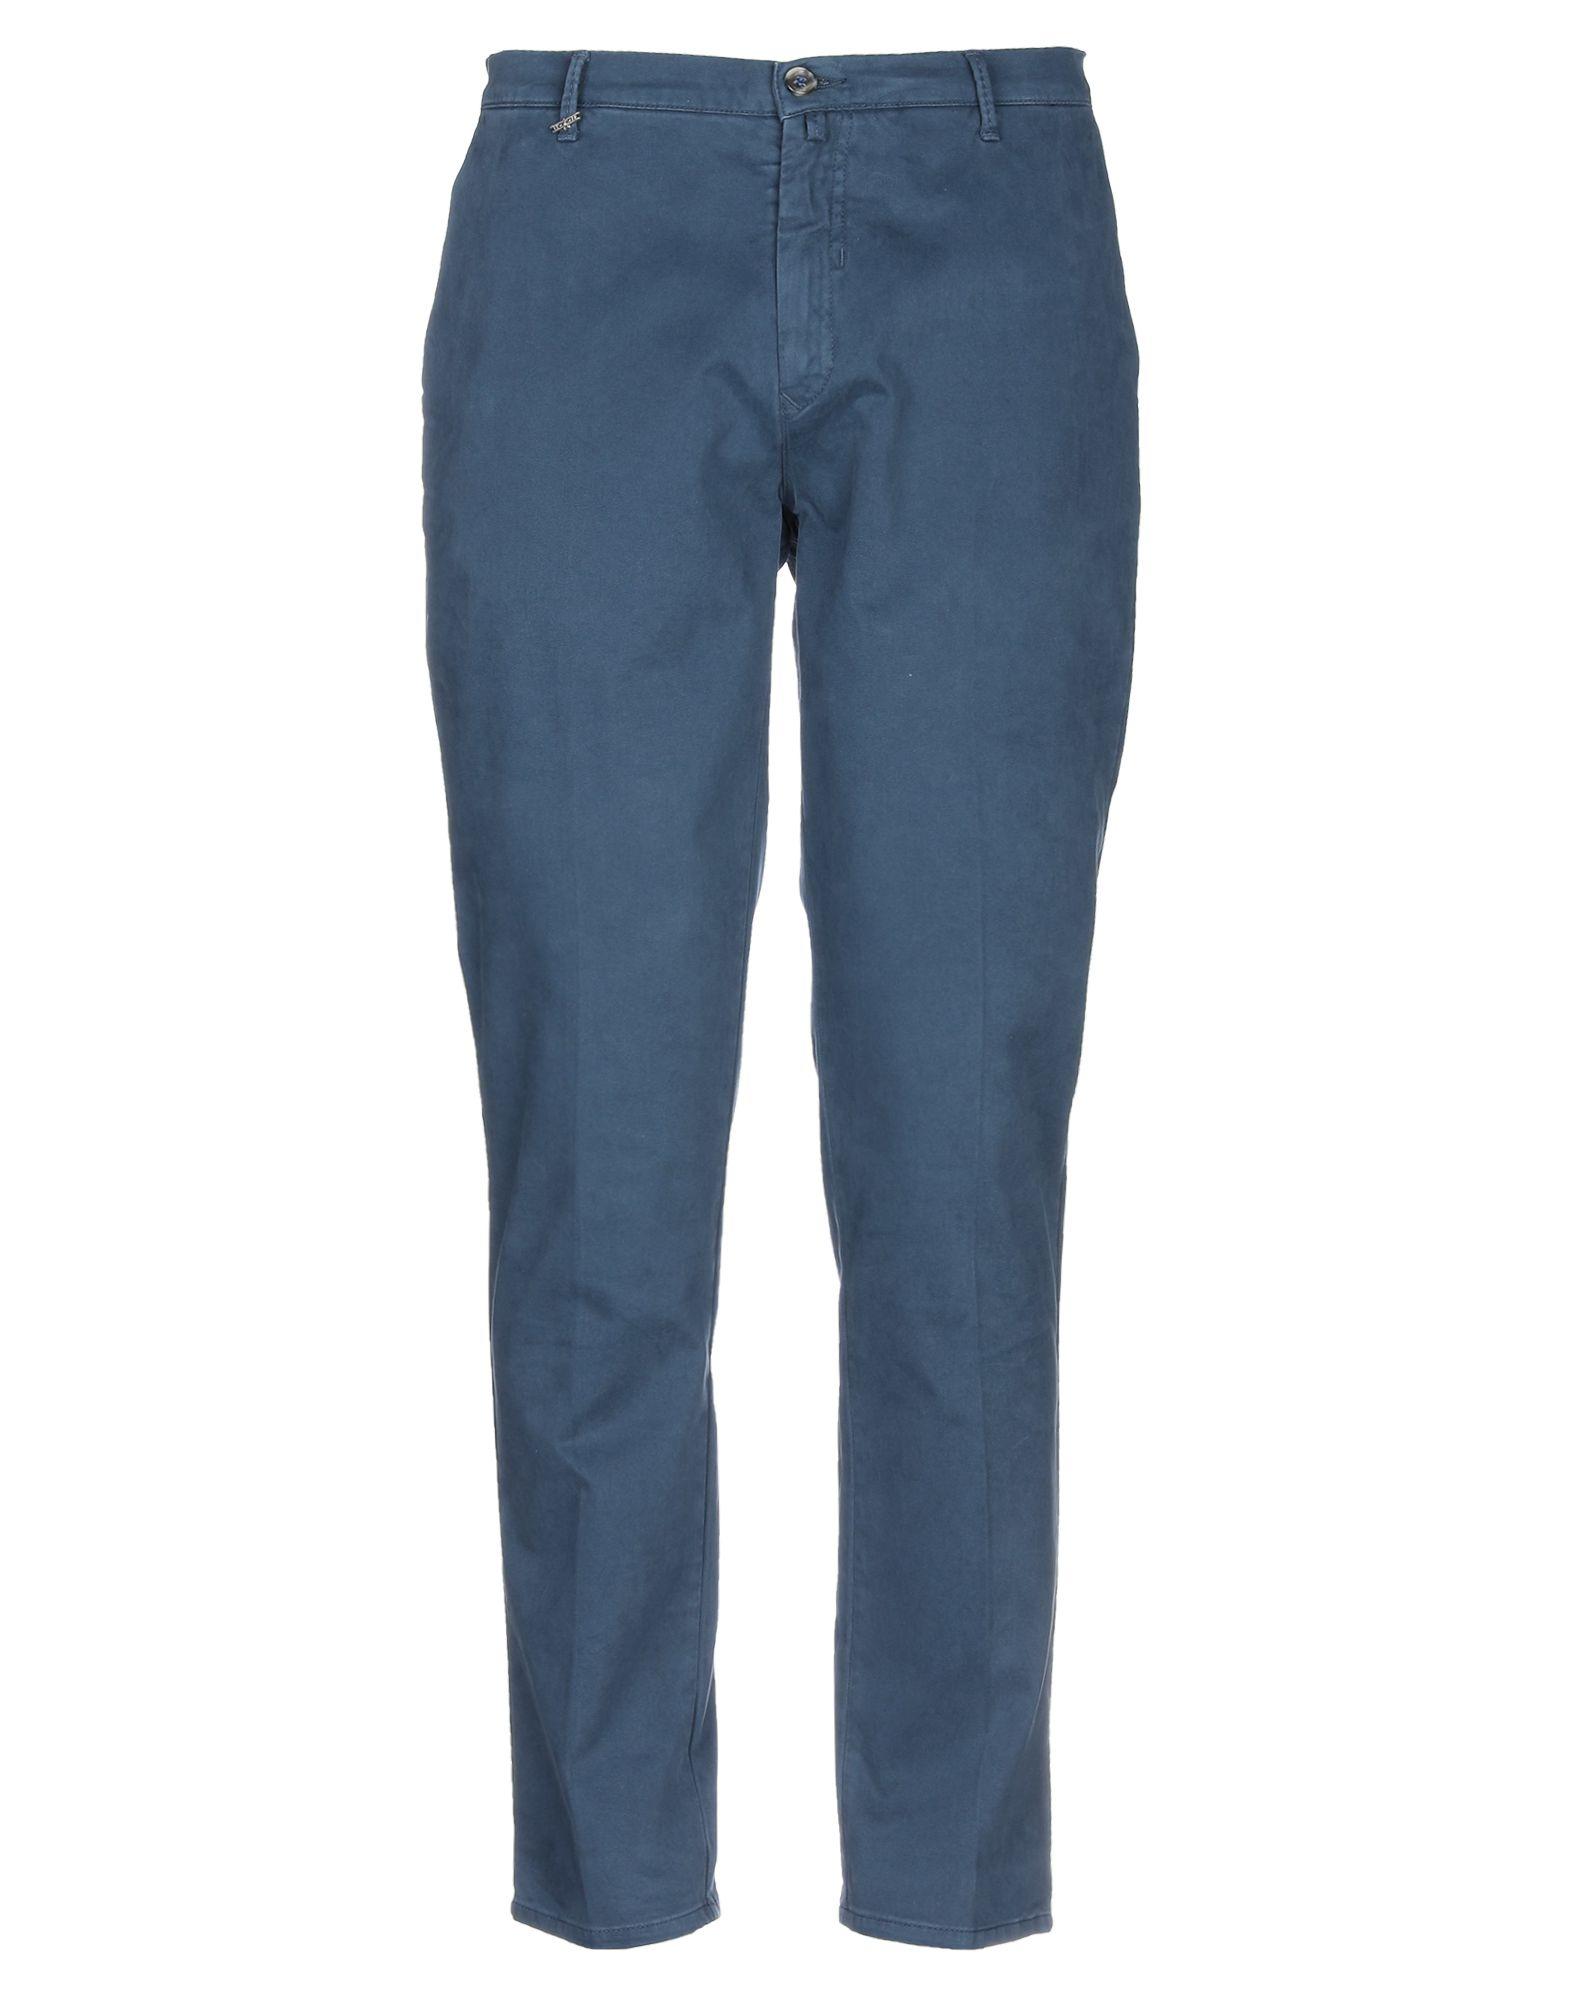 《期間限定 セール開催中》QUOTA OTTO メンズ パンツ ブルーグレー 52 コットン 98% / ポリウレタン 2%